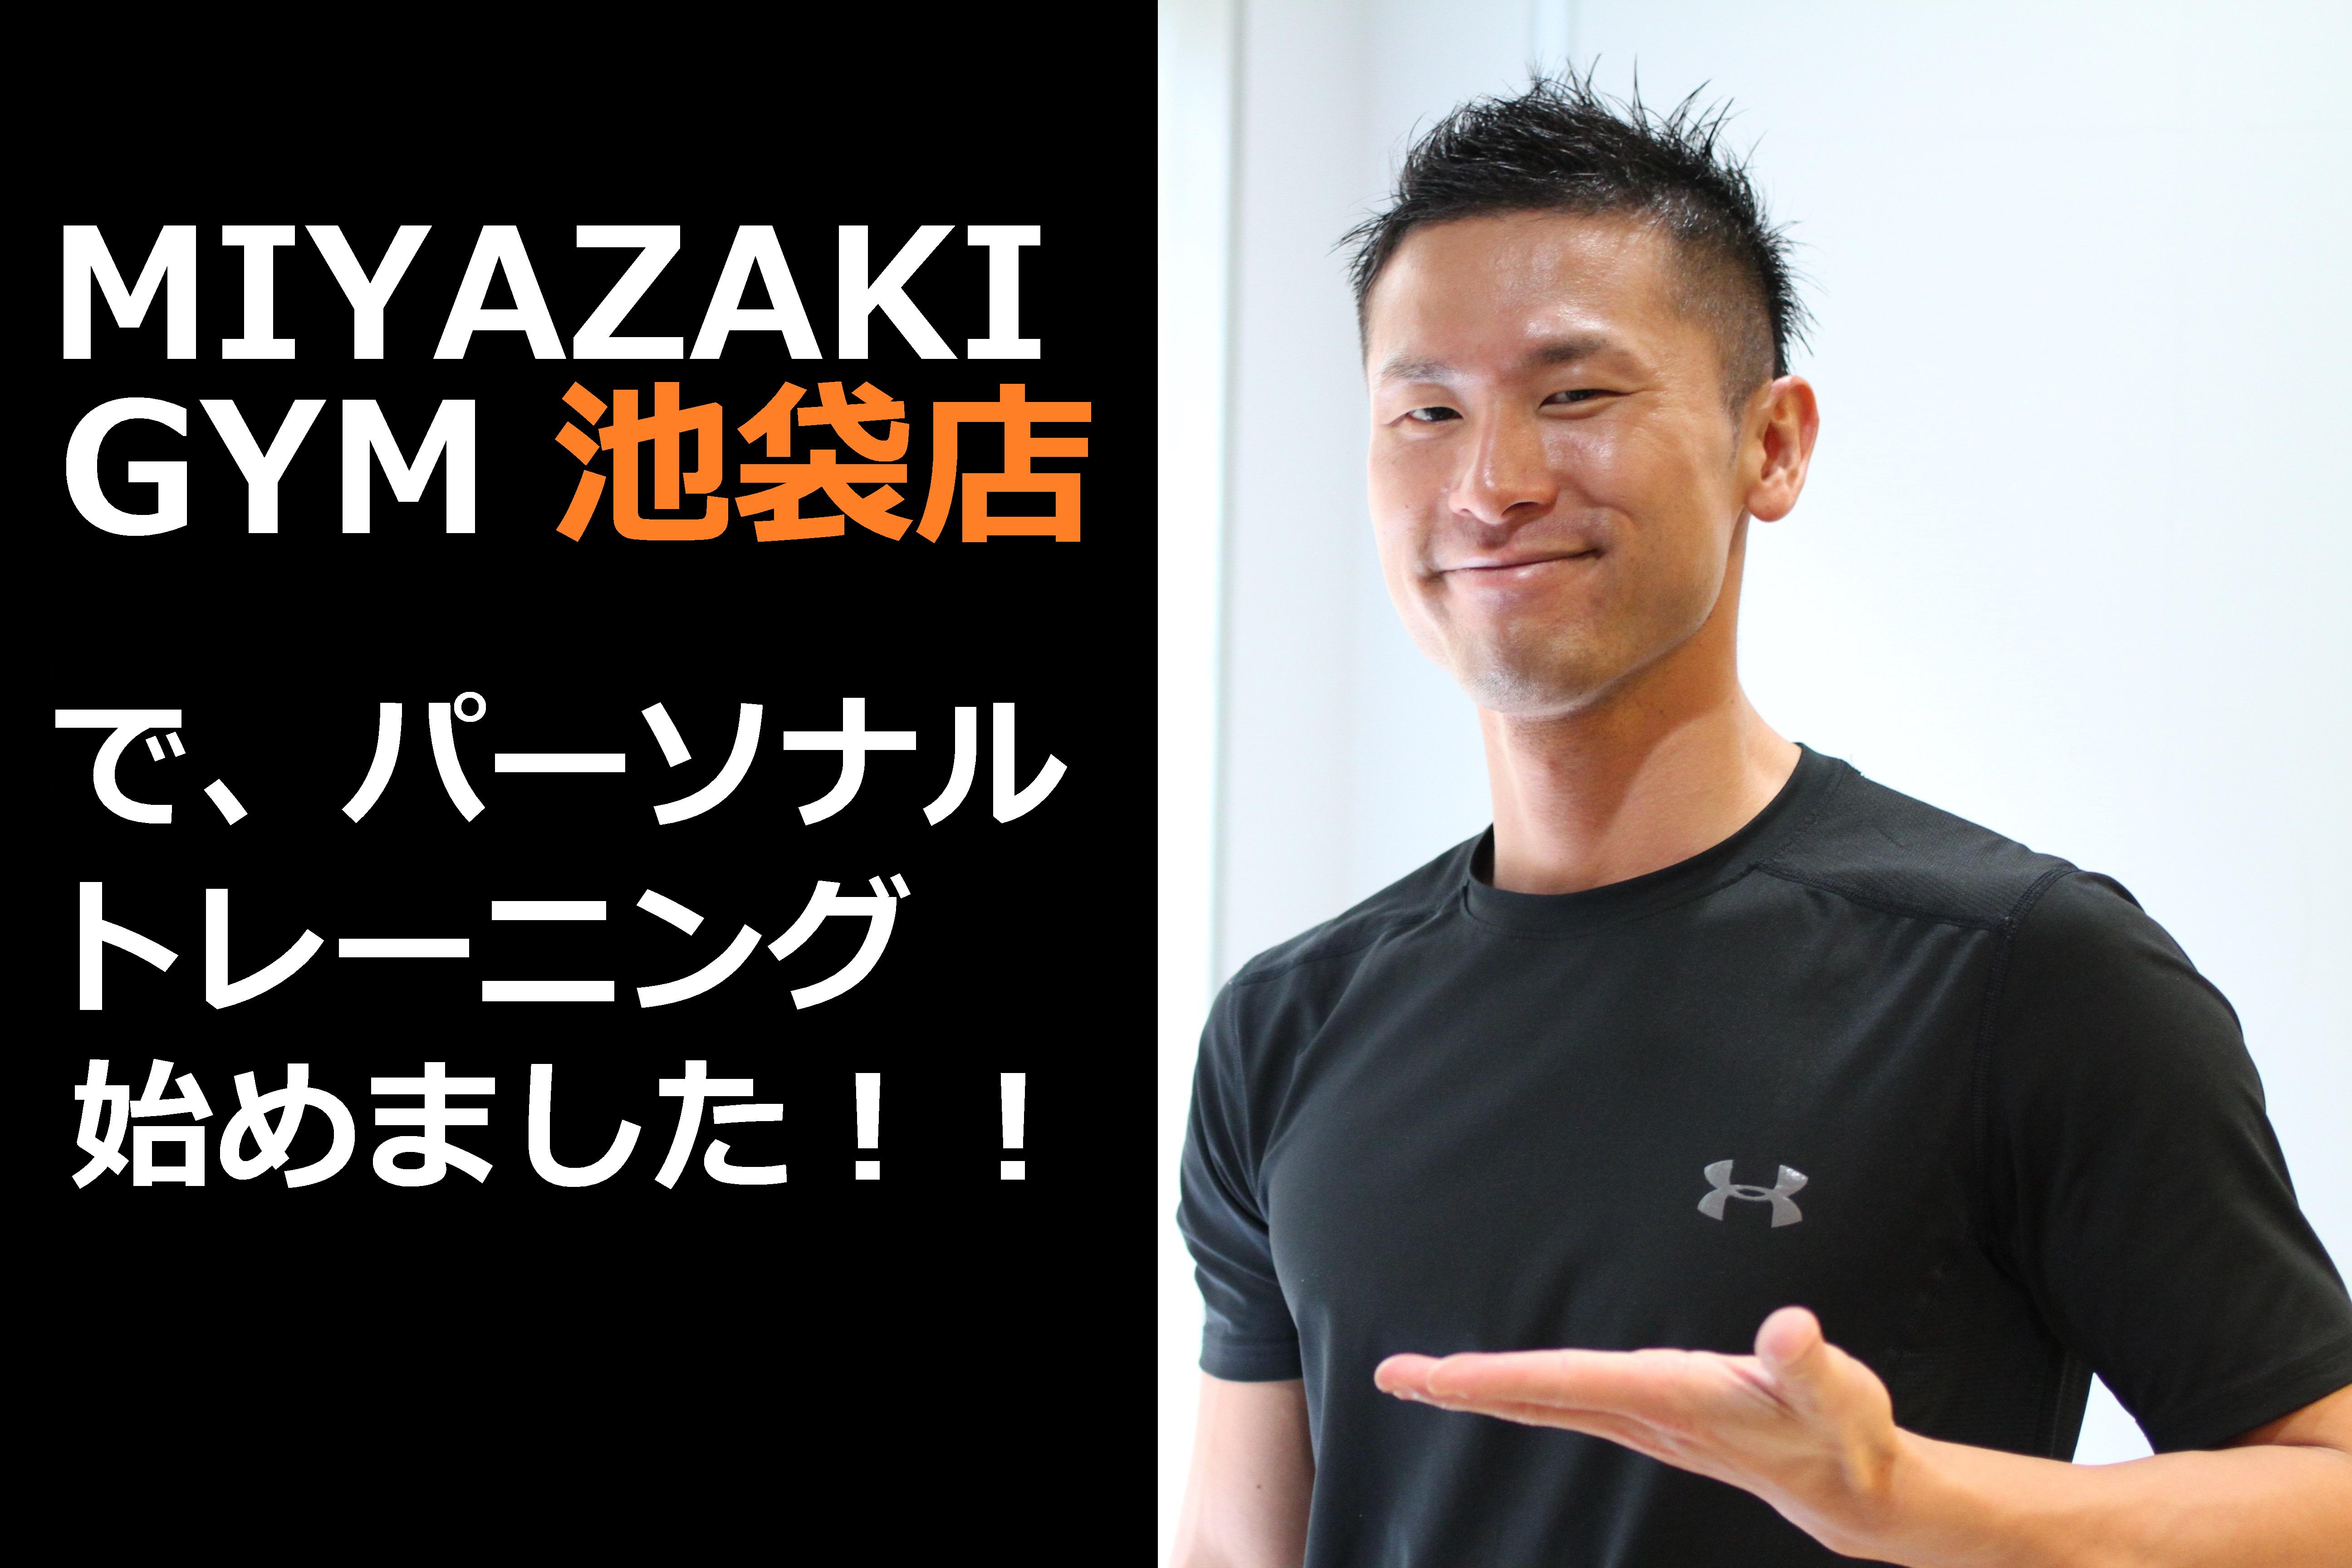 レインボー酒井【MIYAZAKI GYM】でパーソナルトレーニング始めました!!